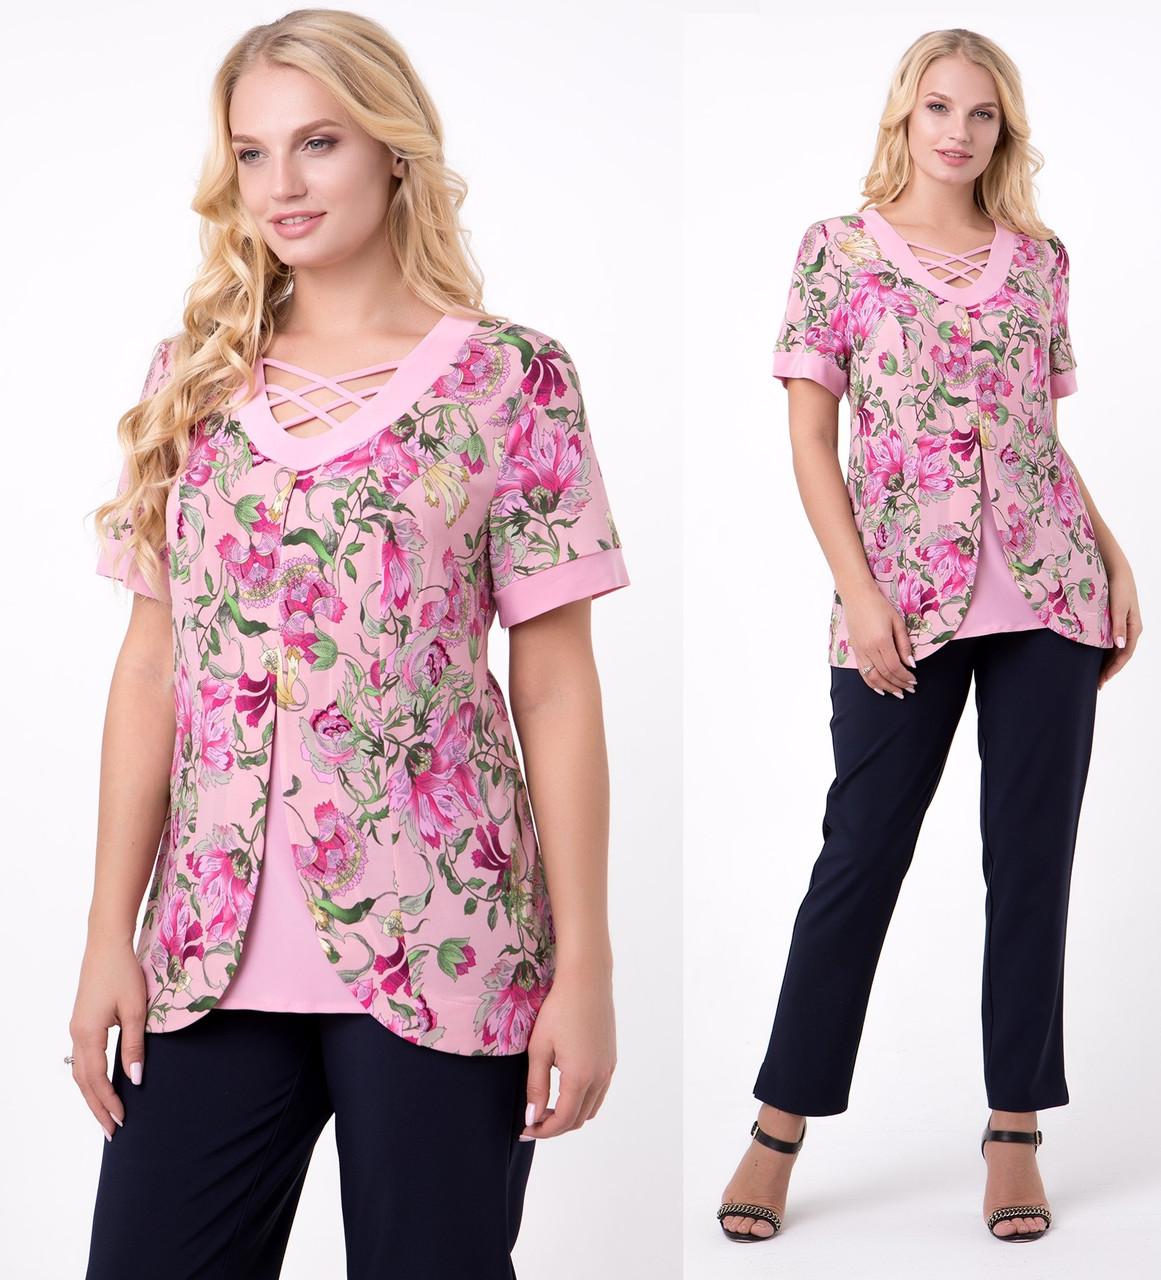 83ff5285f3721ff Блузка женская трикотажная летняя больших размеров (батальная), розовая,  цена 560 грн., купить в Вышгороде — Prom.ua (ID#961468192)